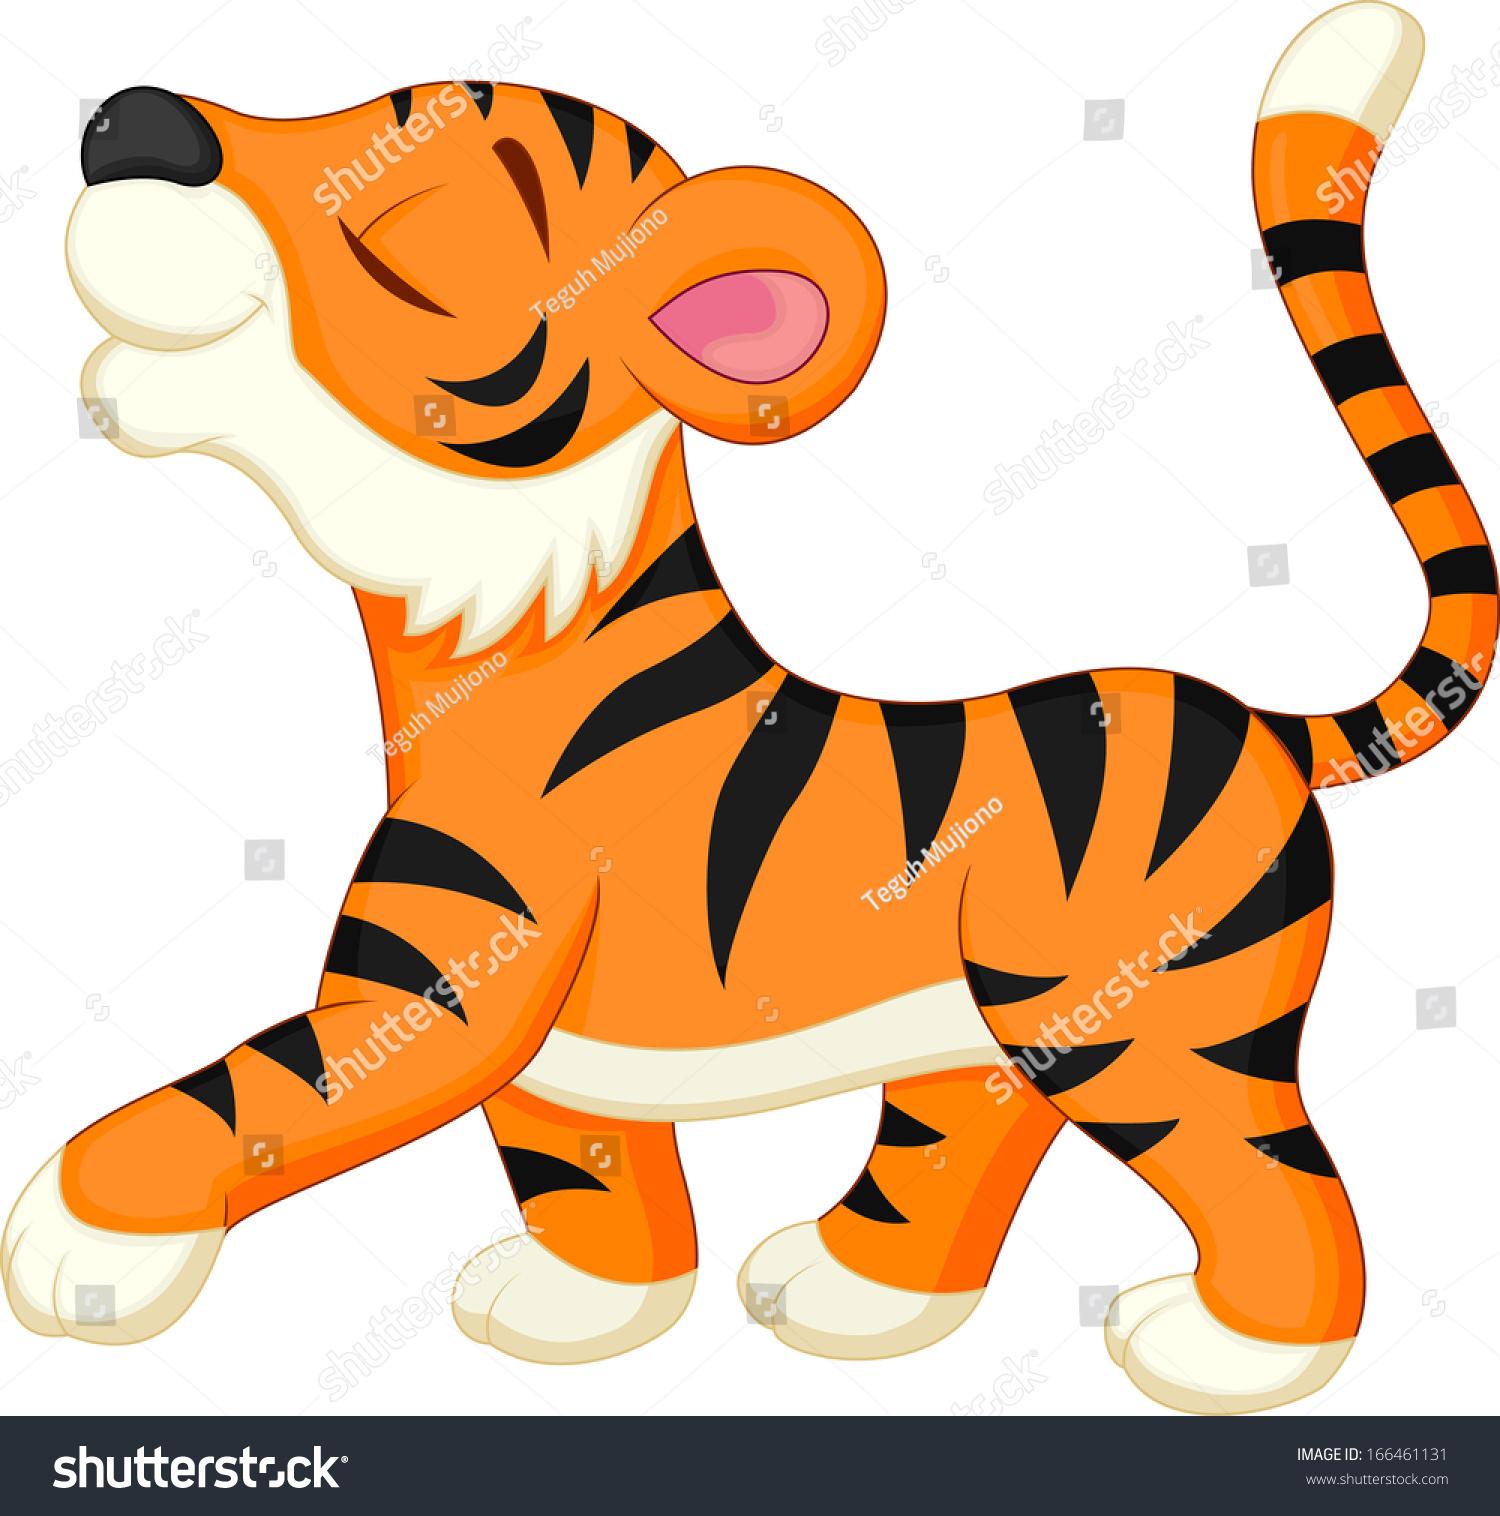 可爱的老虎卡通-动物/野生生物-海洛创意(hellorf)